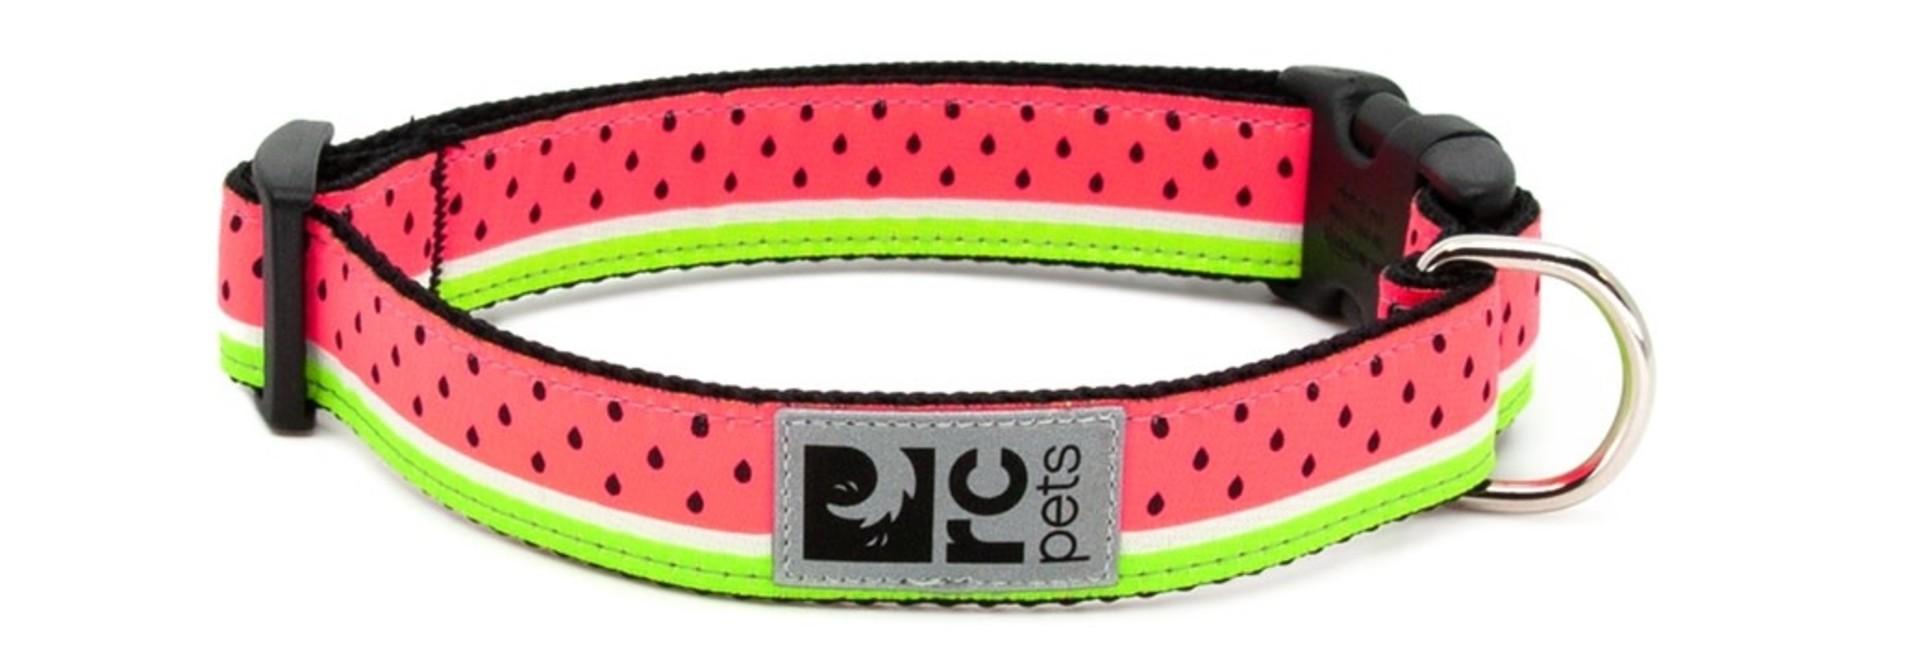 Clip Collar S 3/4 Watermelon